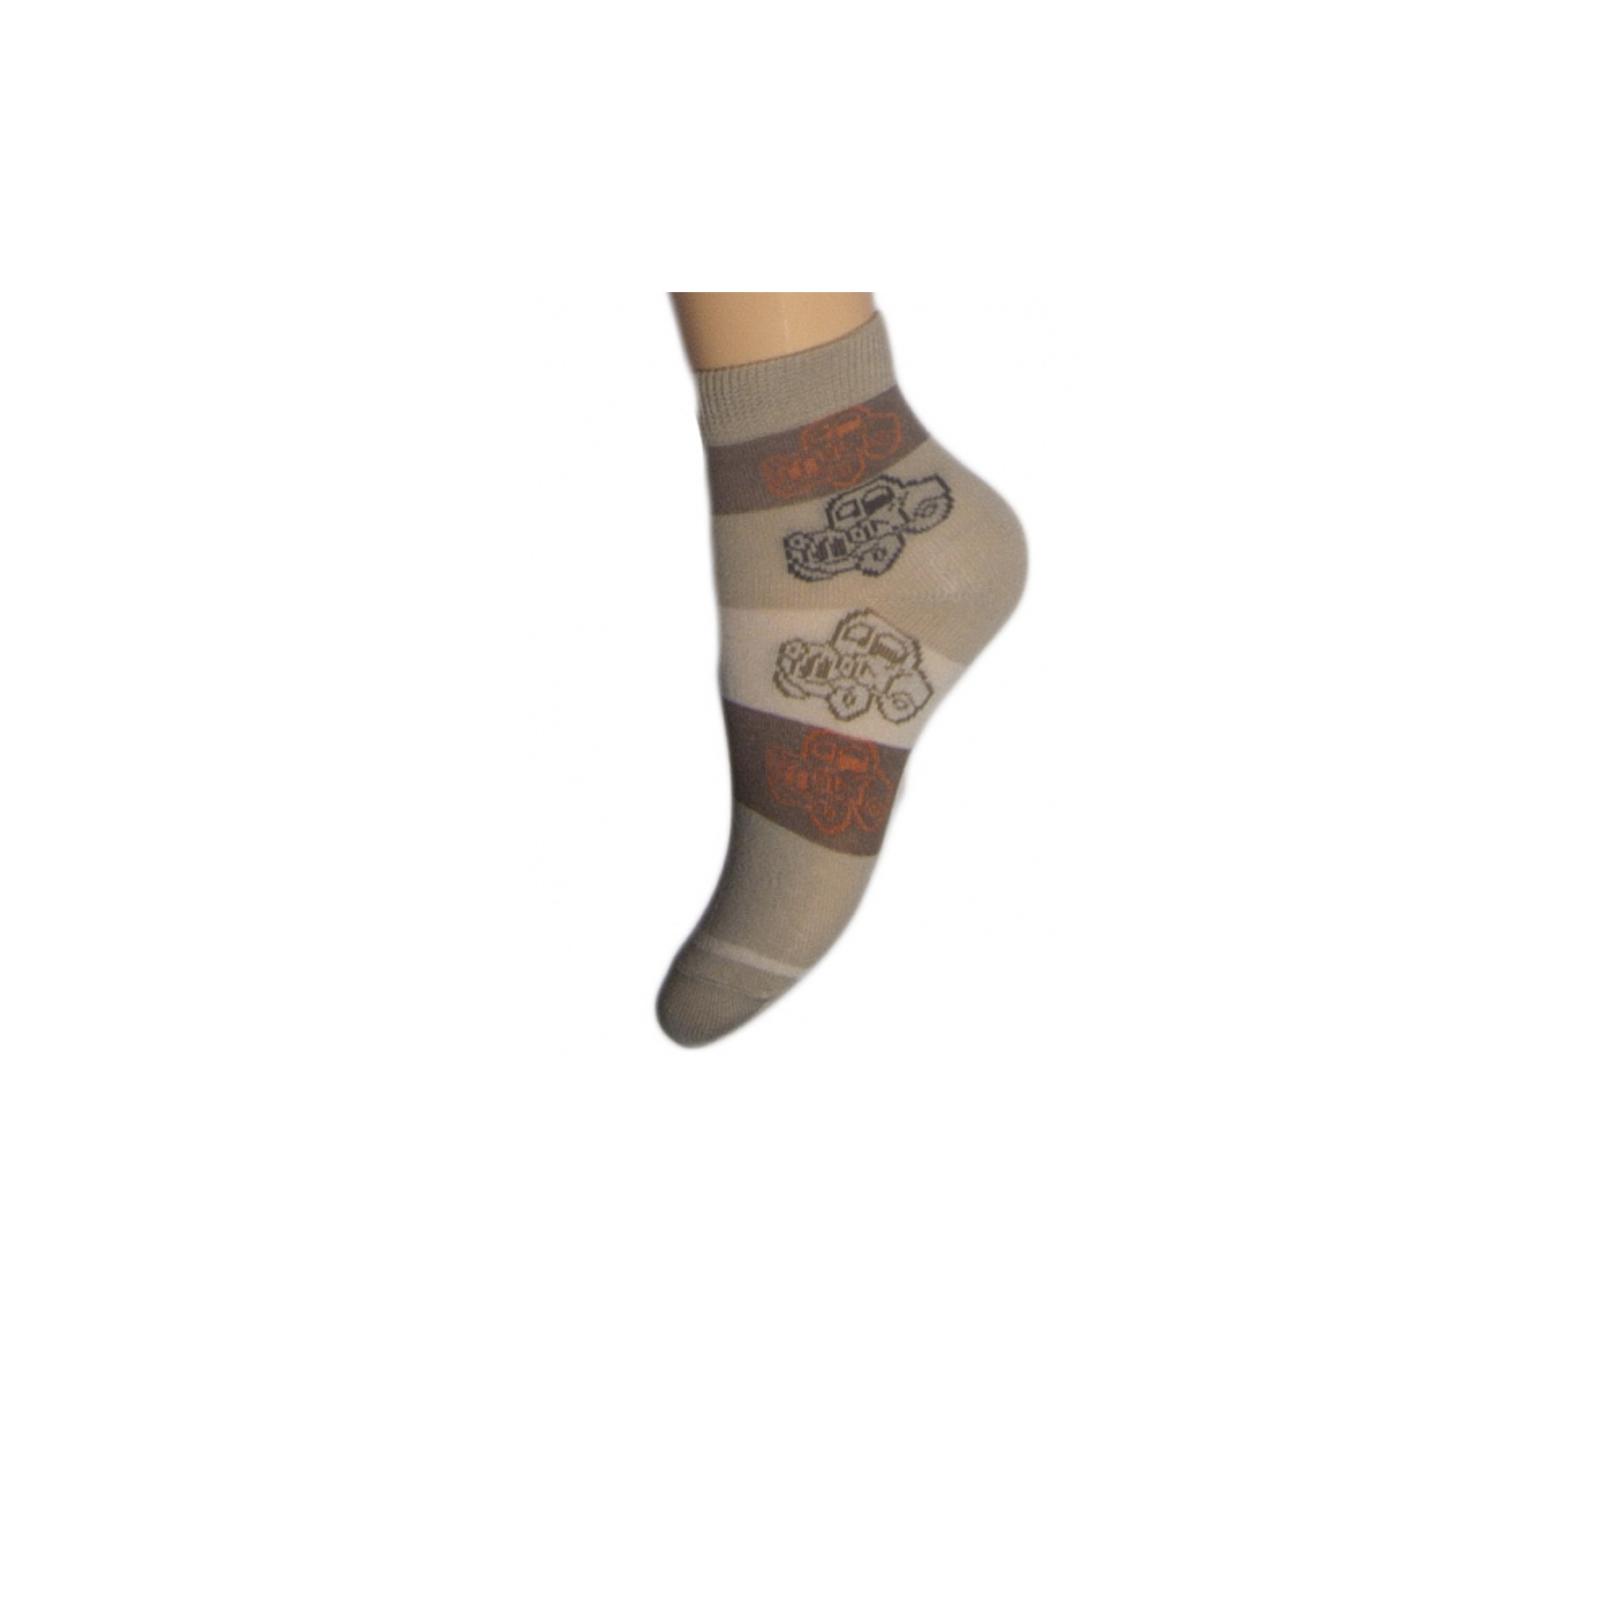 Носки Milusie модель 51 с рисунком размер 13-14